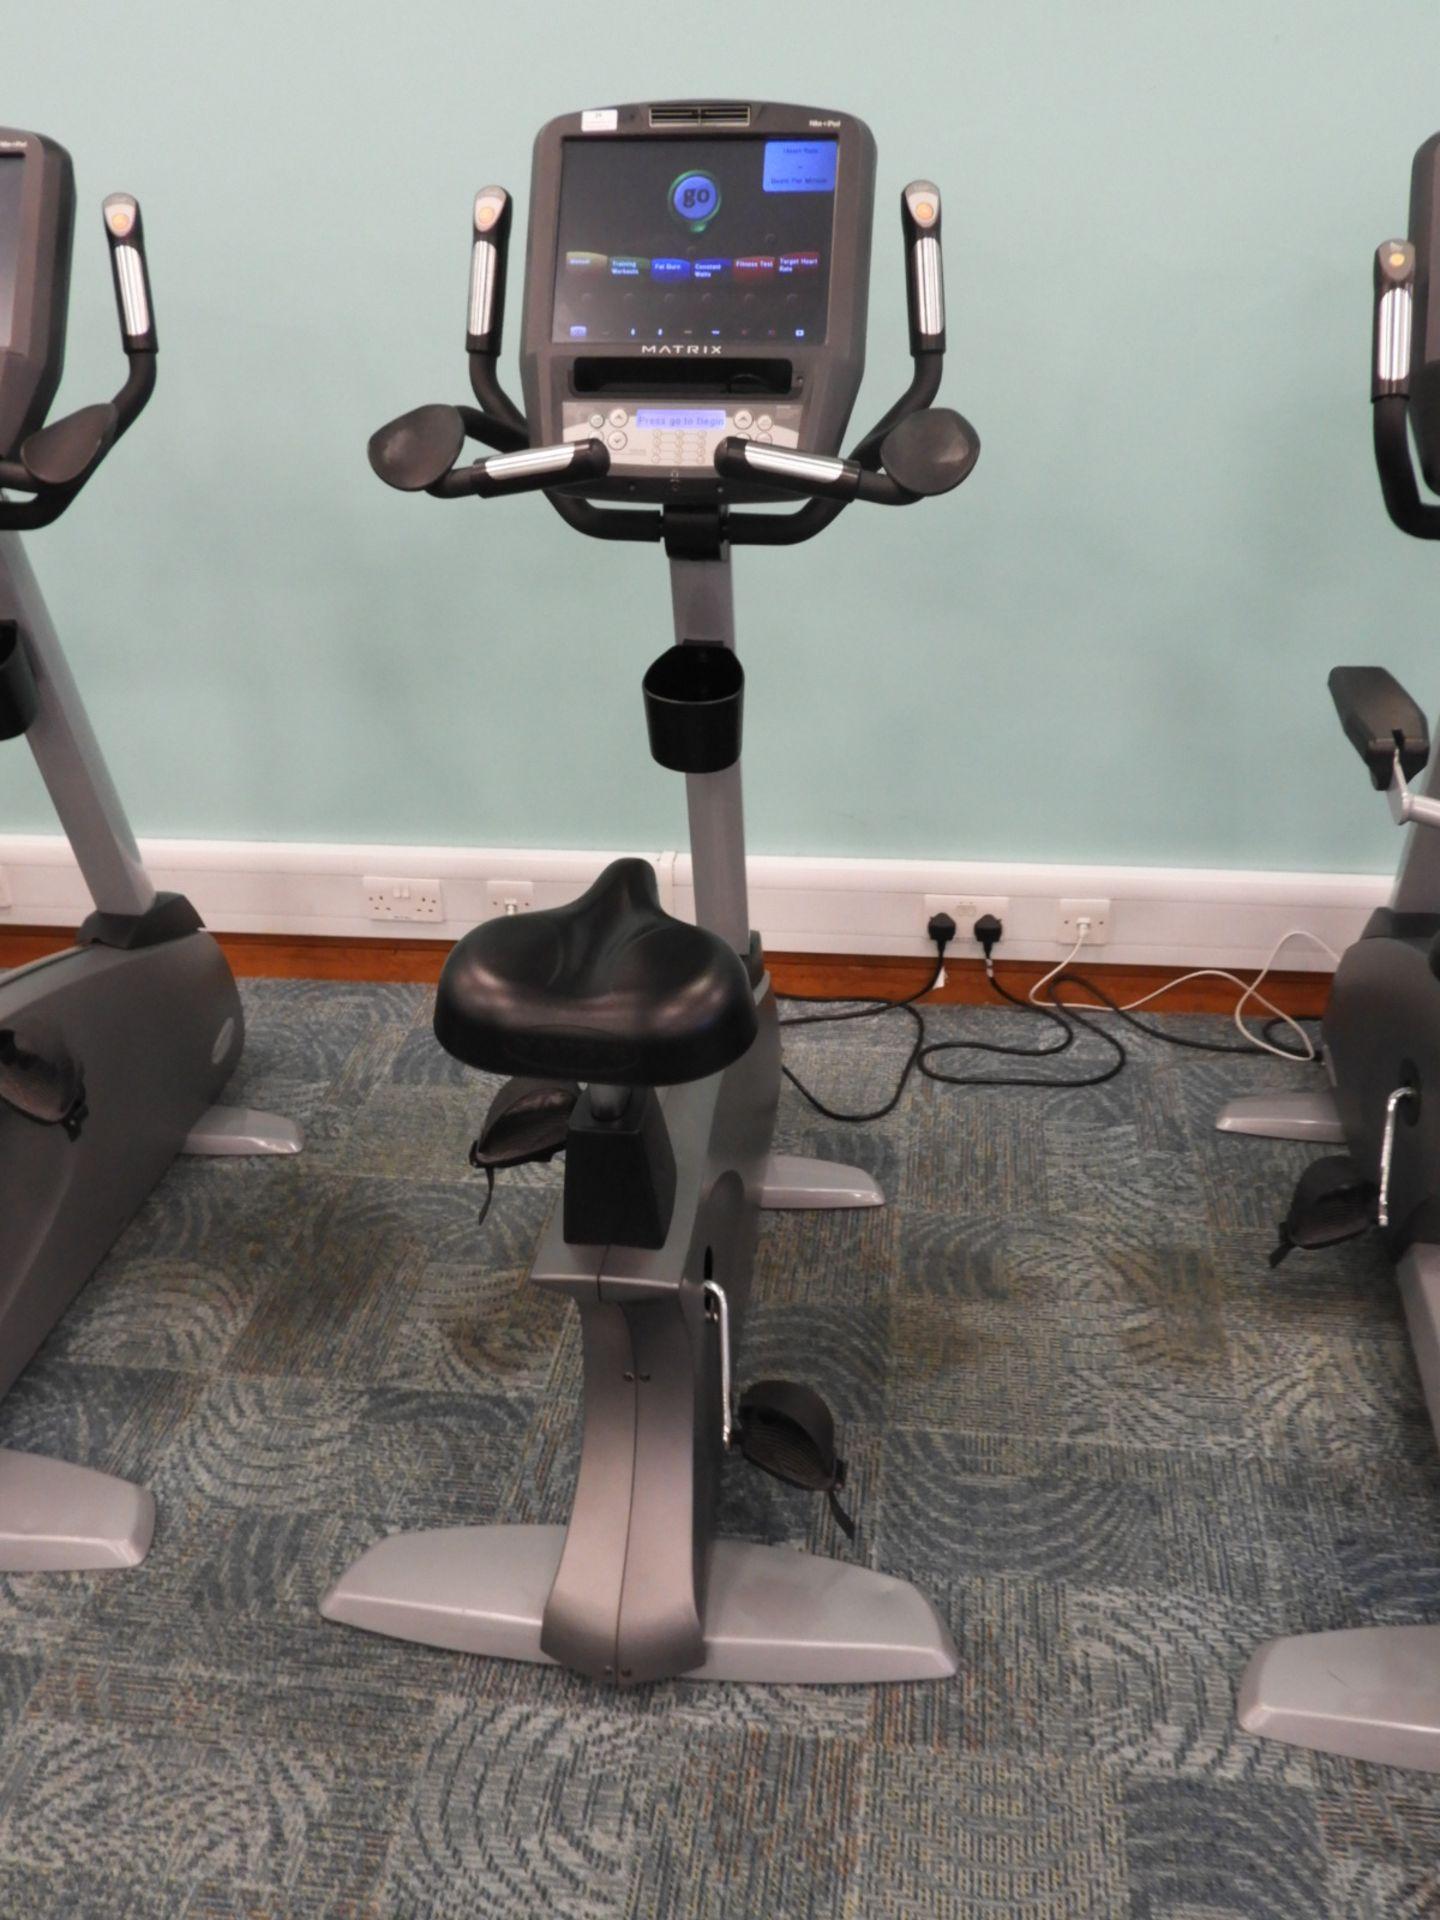 Lot 24 - *Matrix Upright Exercise Bicycle